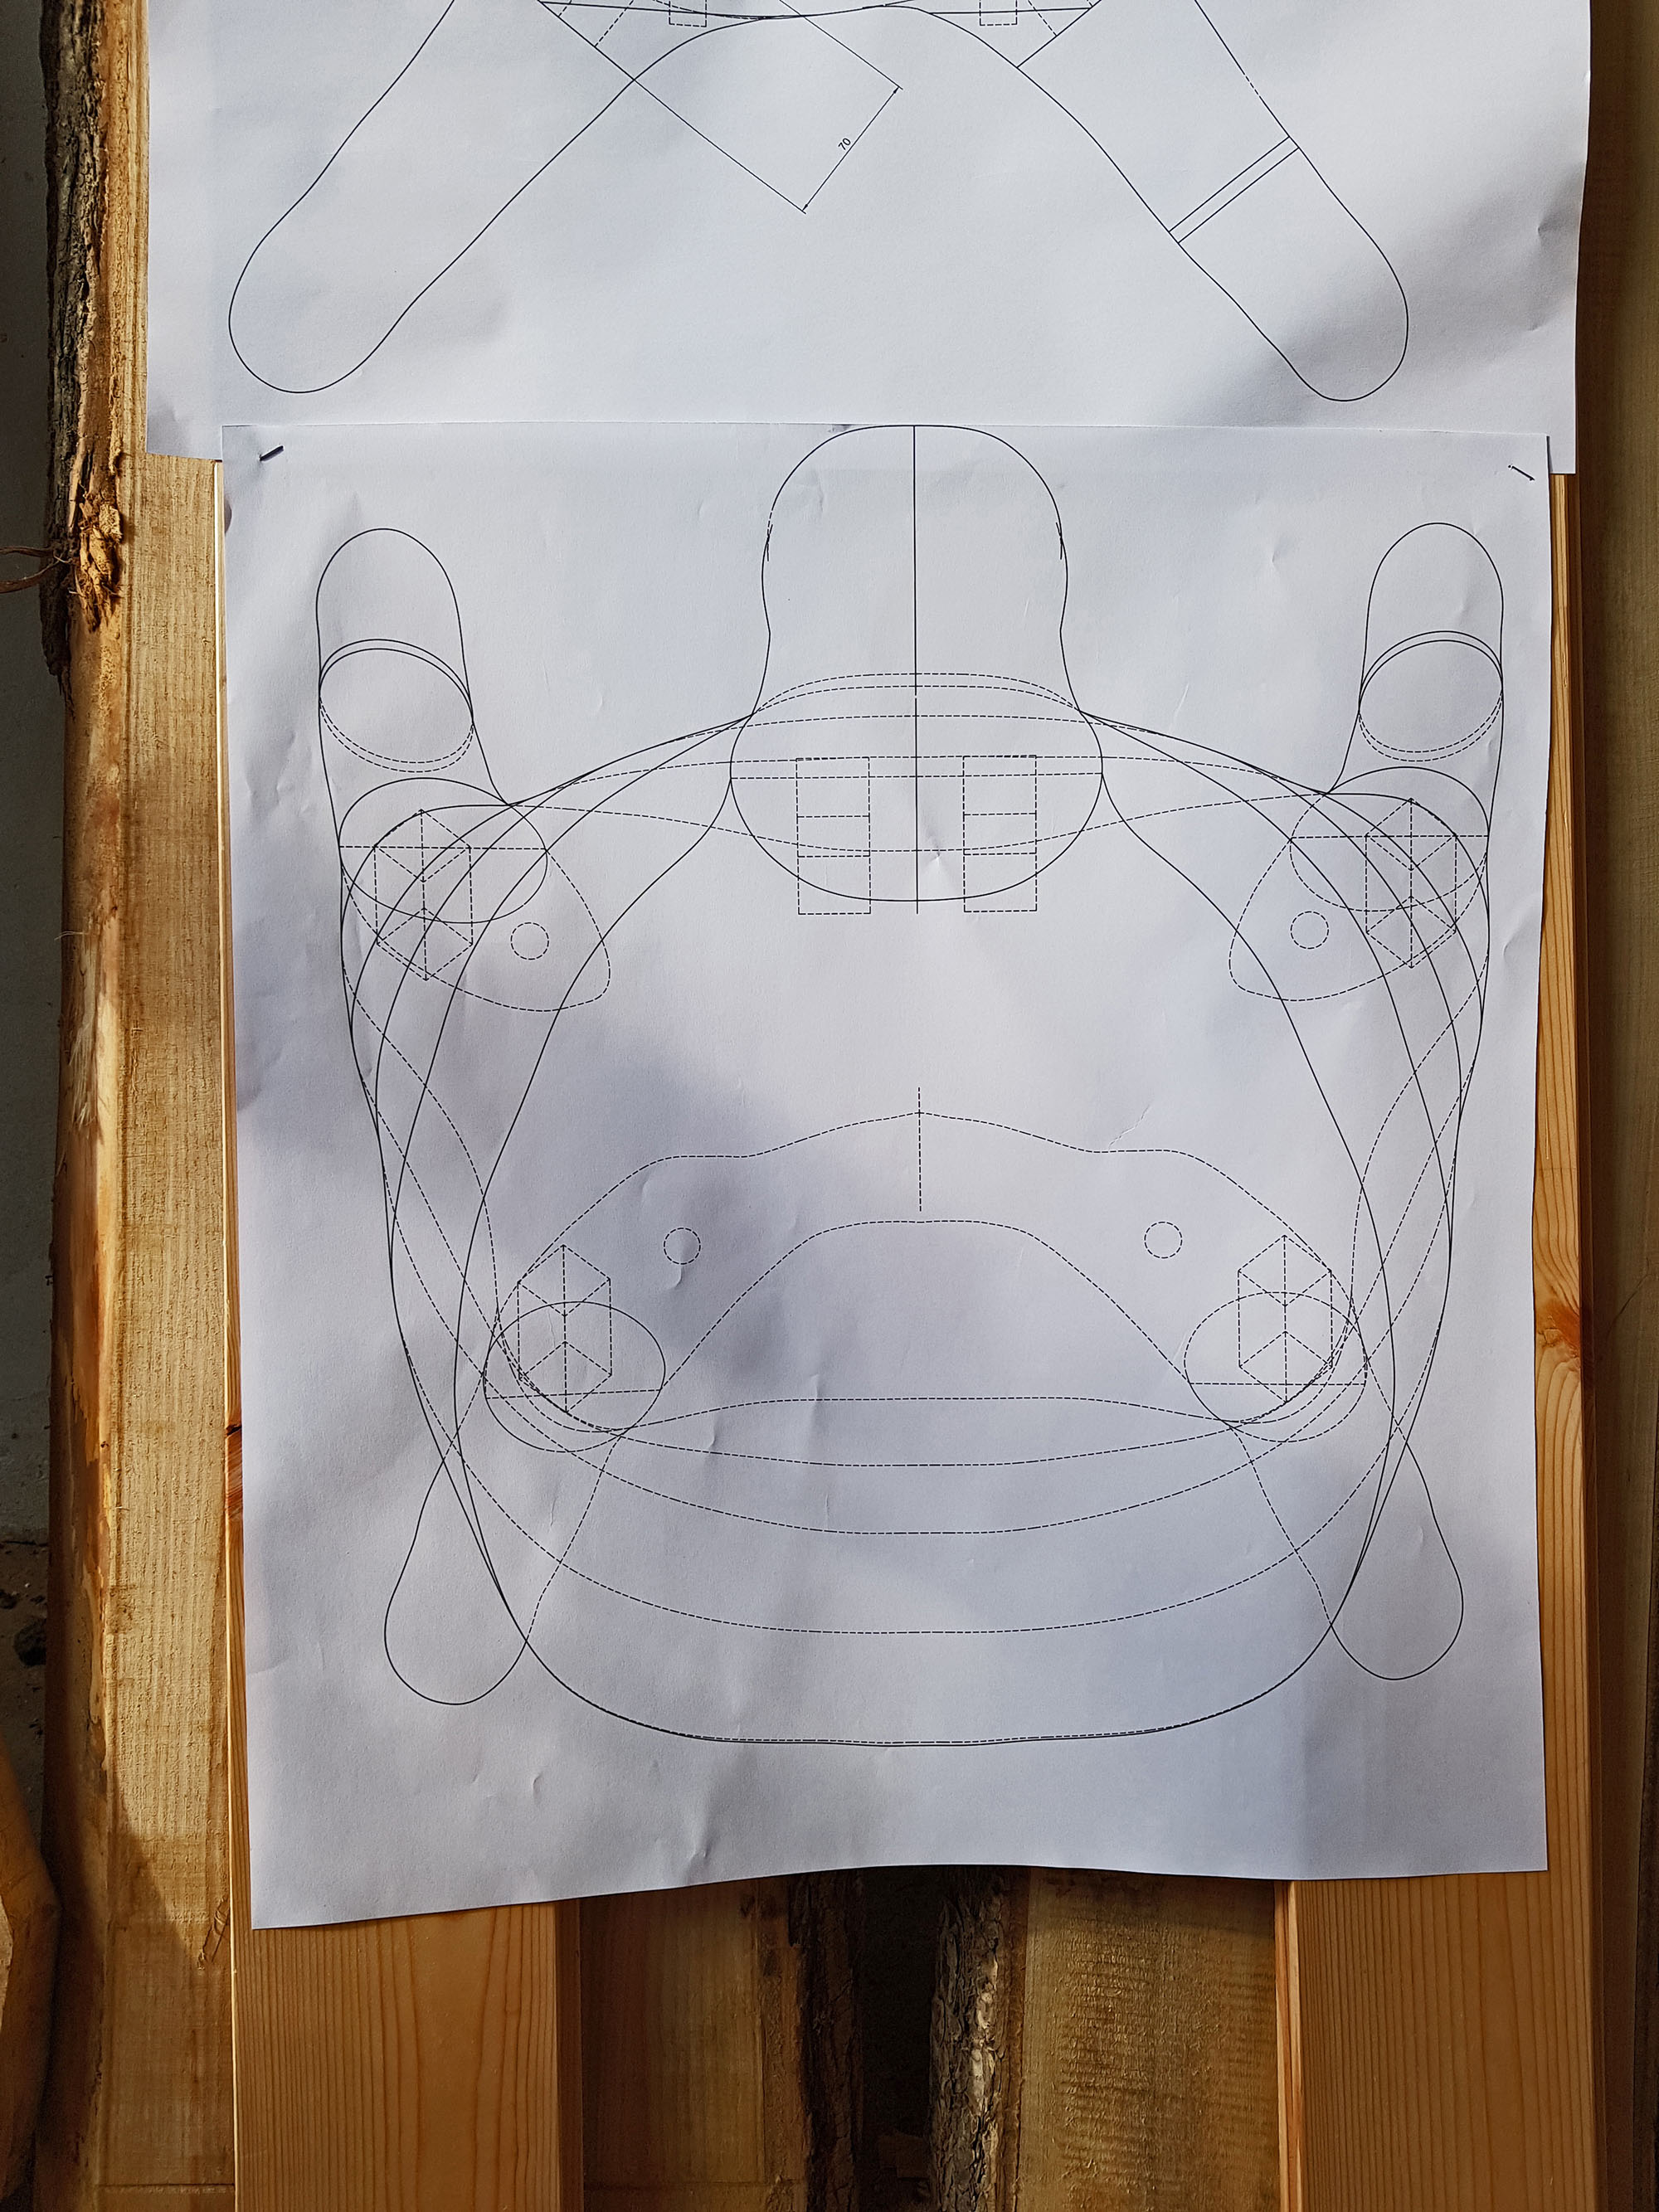 krzesło_w pracowni_01